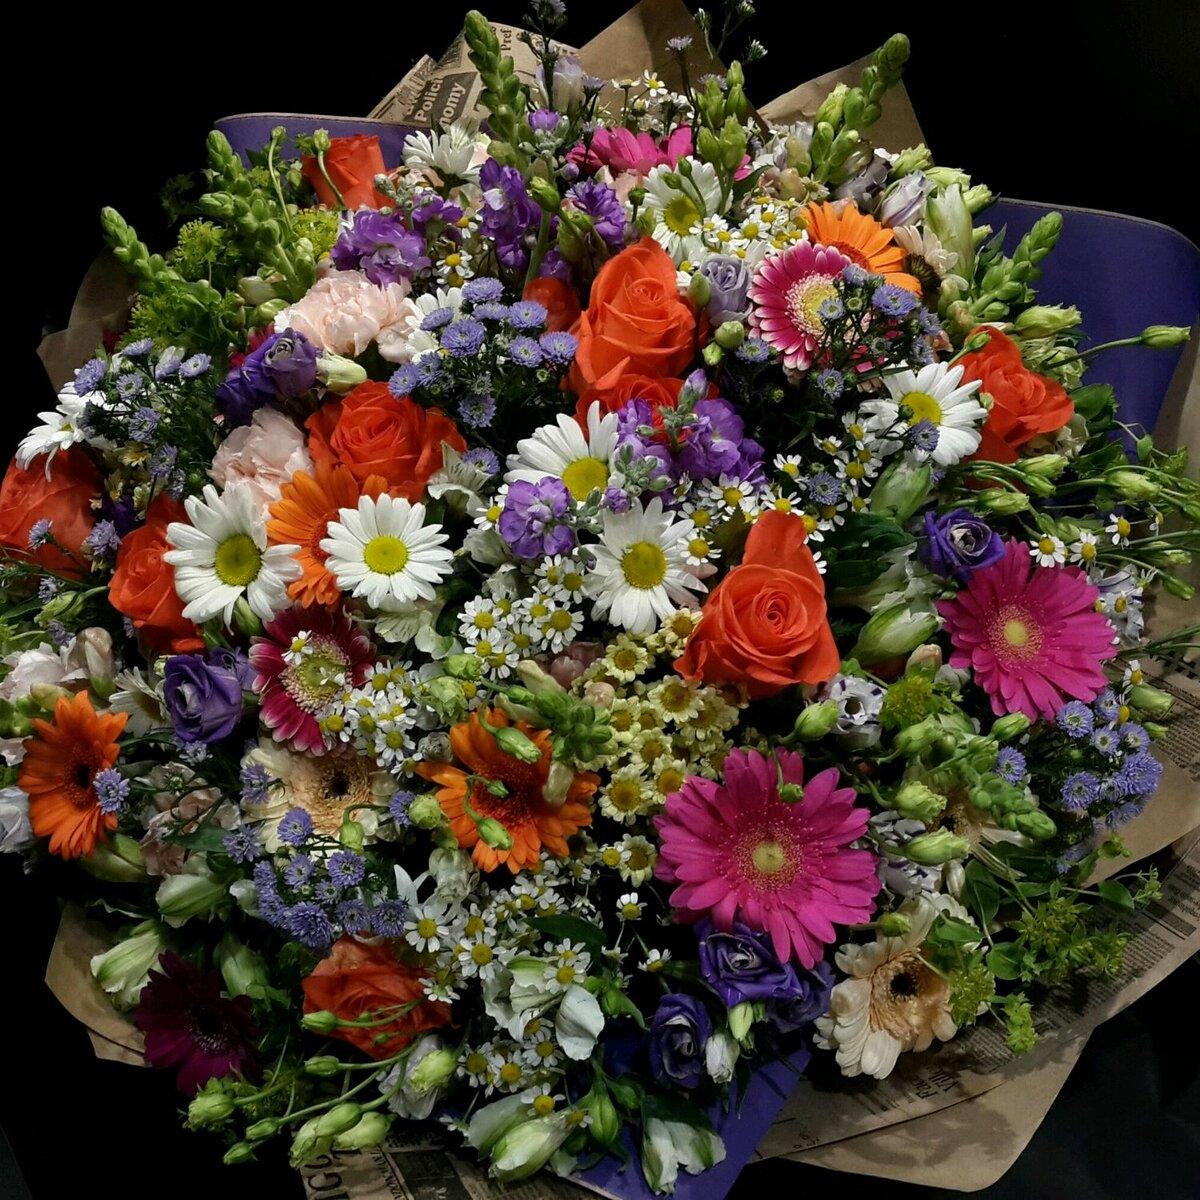 супер красивый букет цветов фото это сути